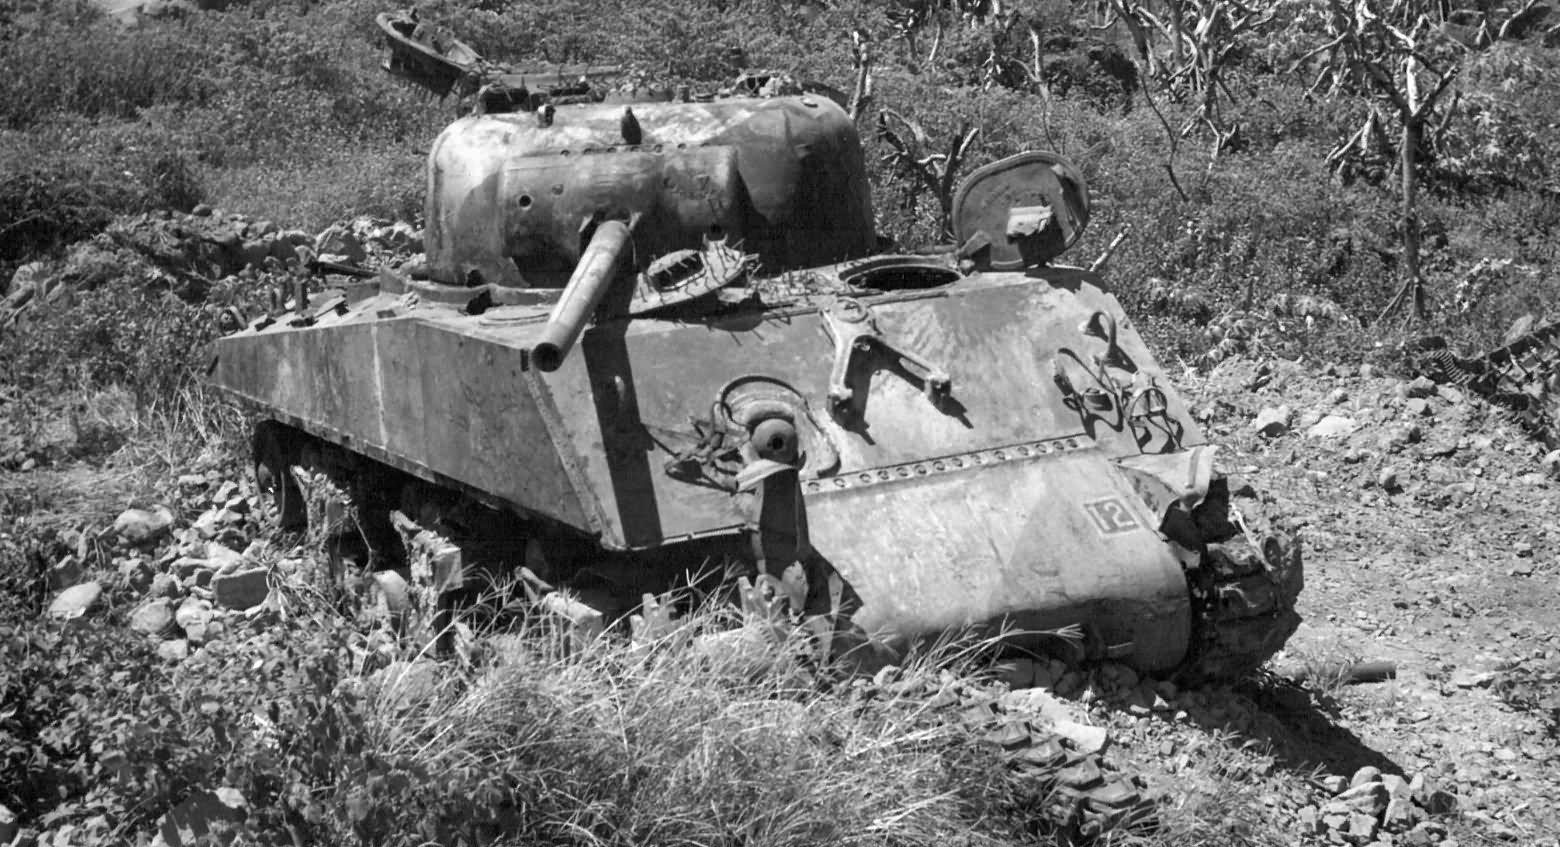 M4_sherman_Iwo_Jima_1945